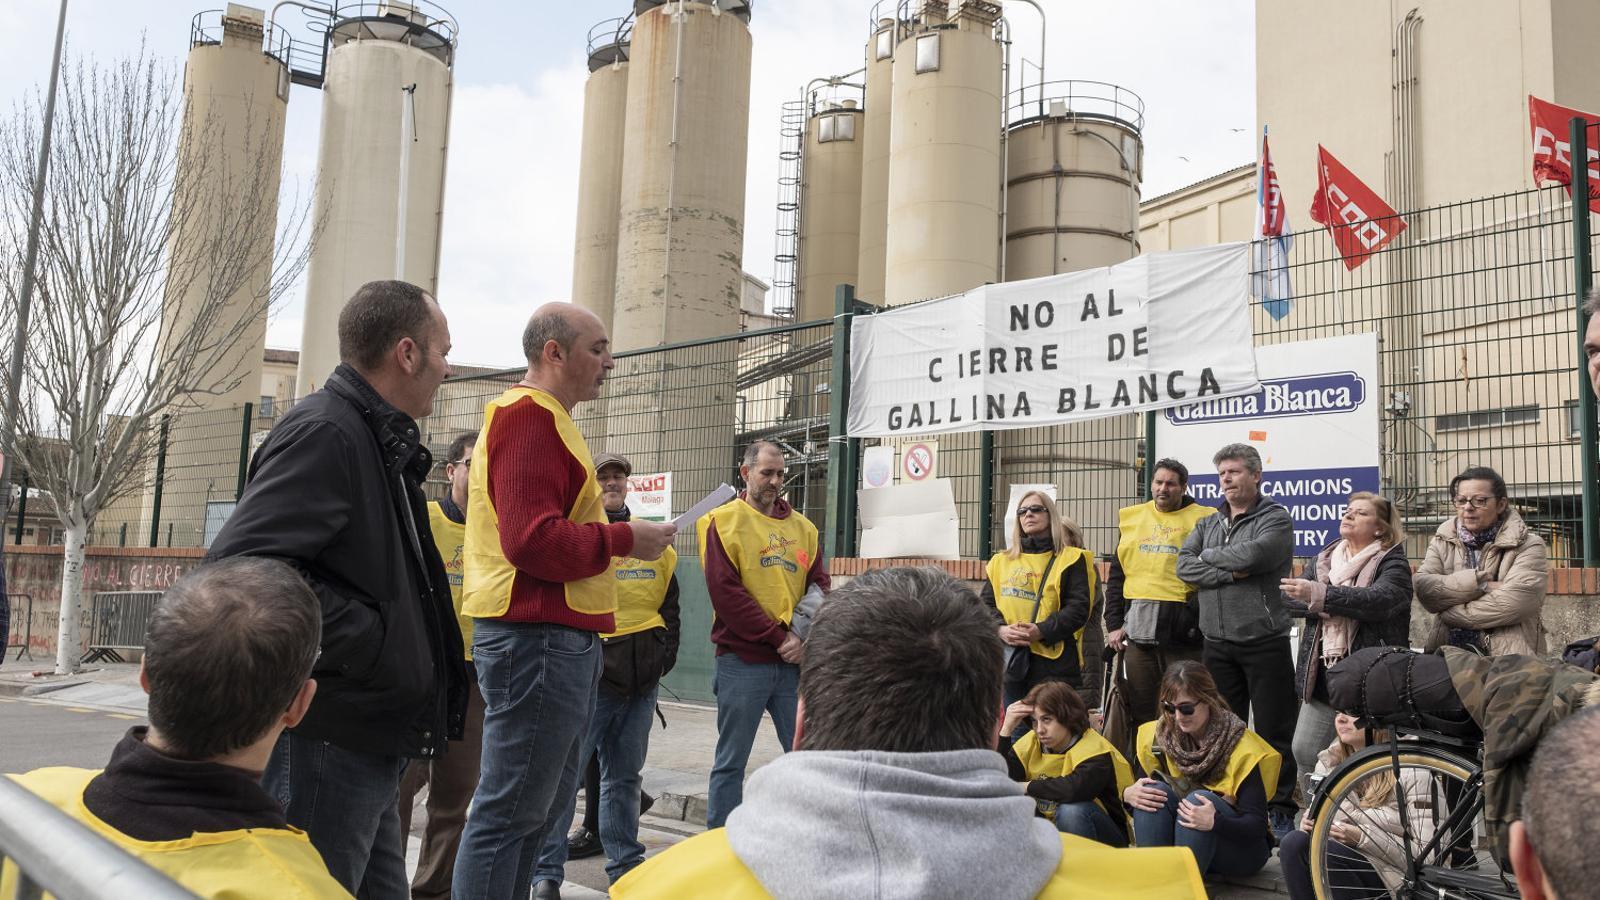 La plantilla de Gallina Blanca, en vaga per impedir el trasllat a Osca